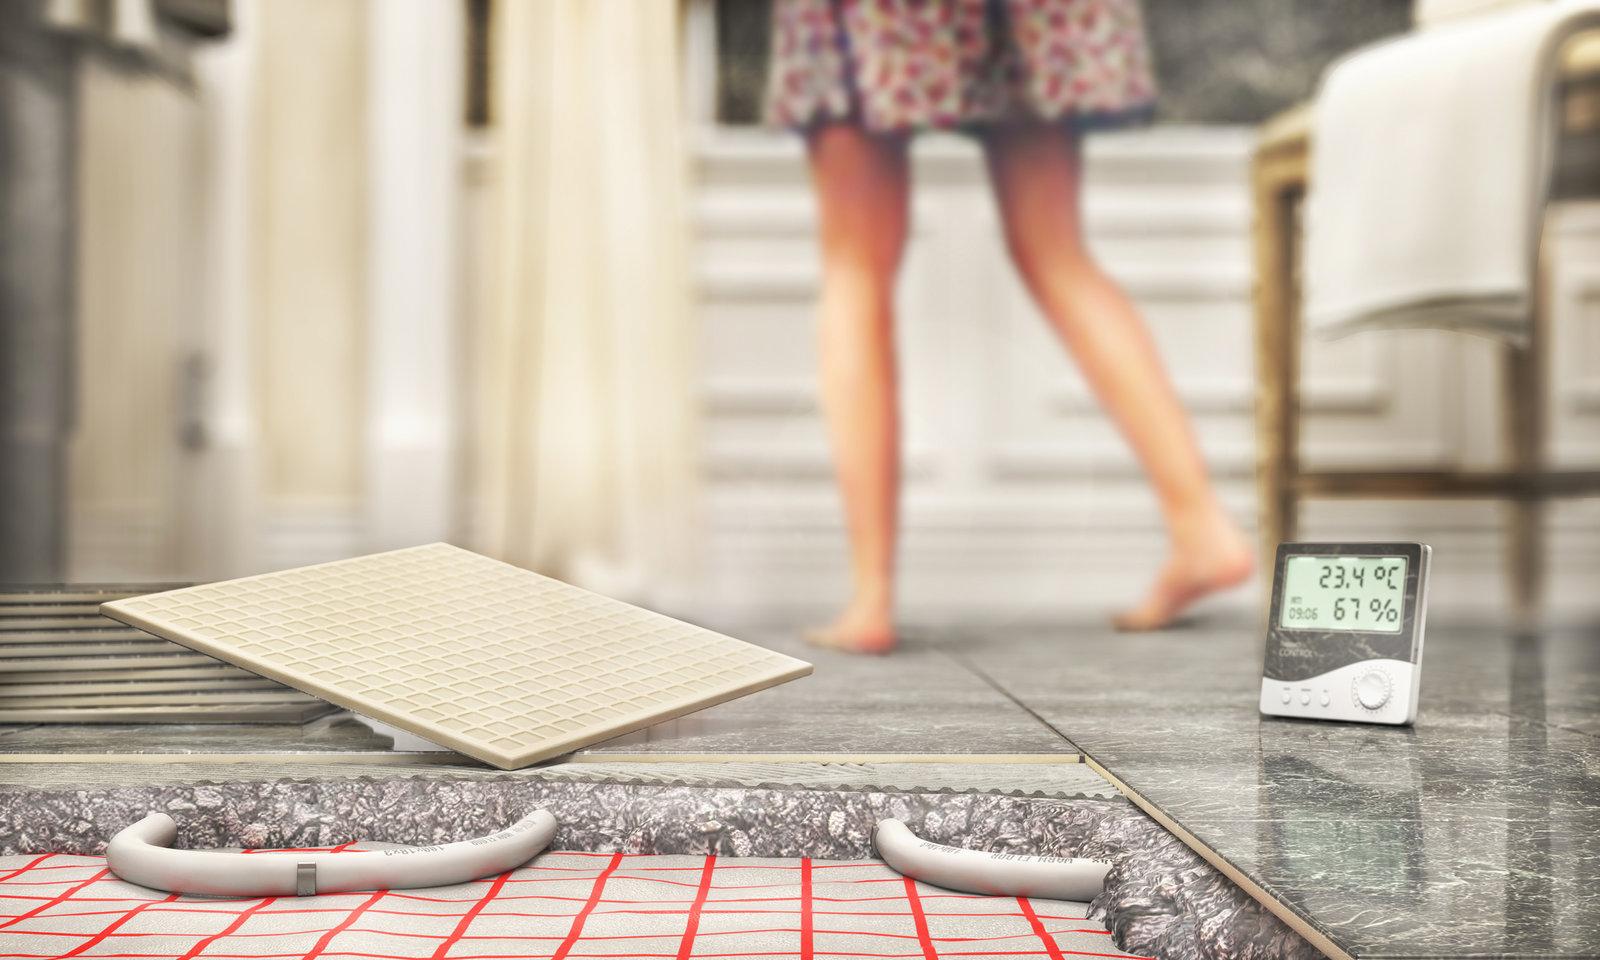 Chauffage Au Sol Electrique Pose plancher chauffant : électrique ou hydraulique ?